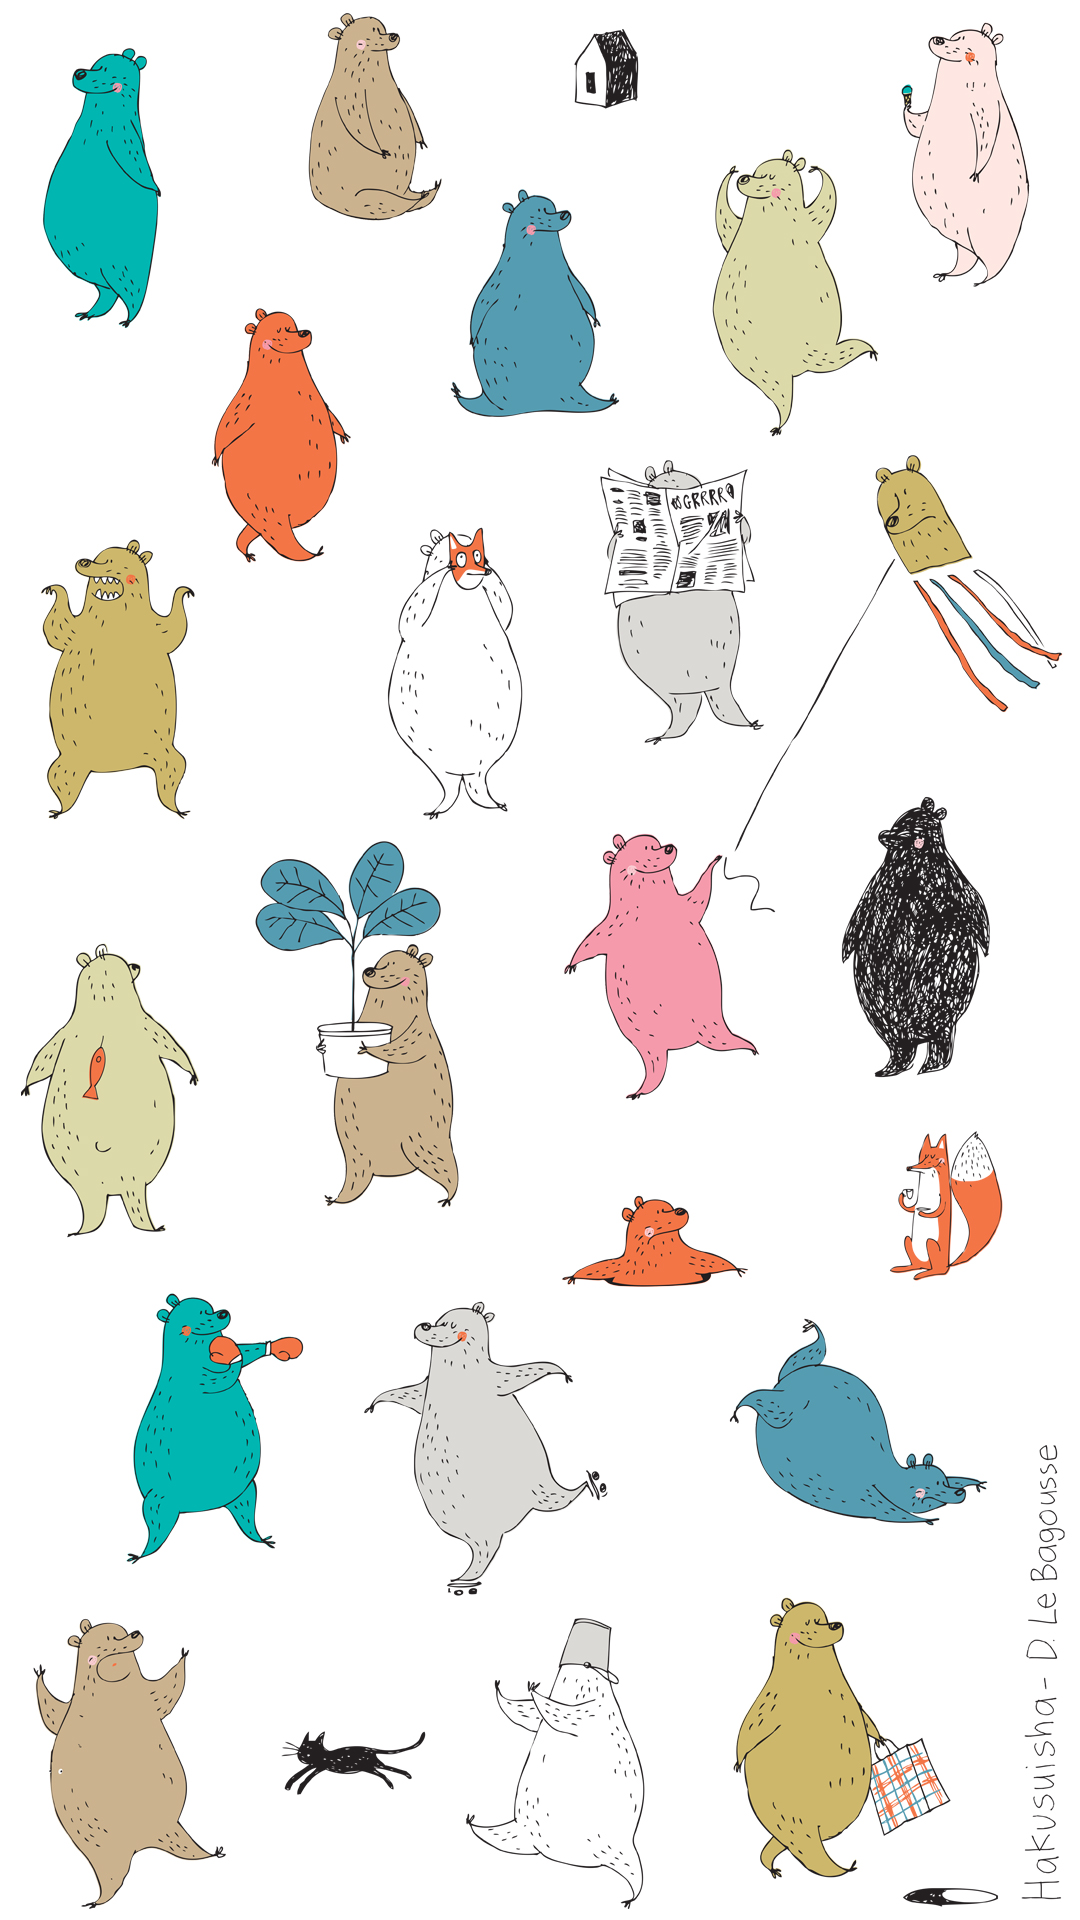 ドミニクさんのクマのイラスト壁紙無料ダウンロード トリコロル